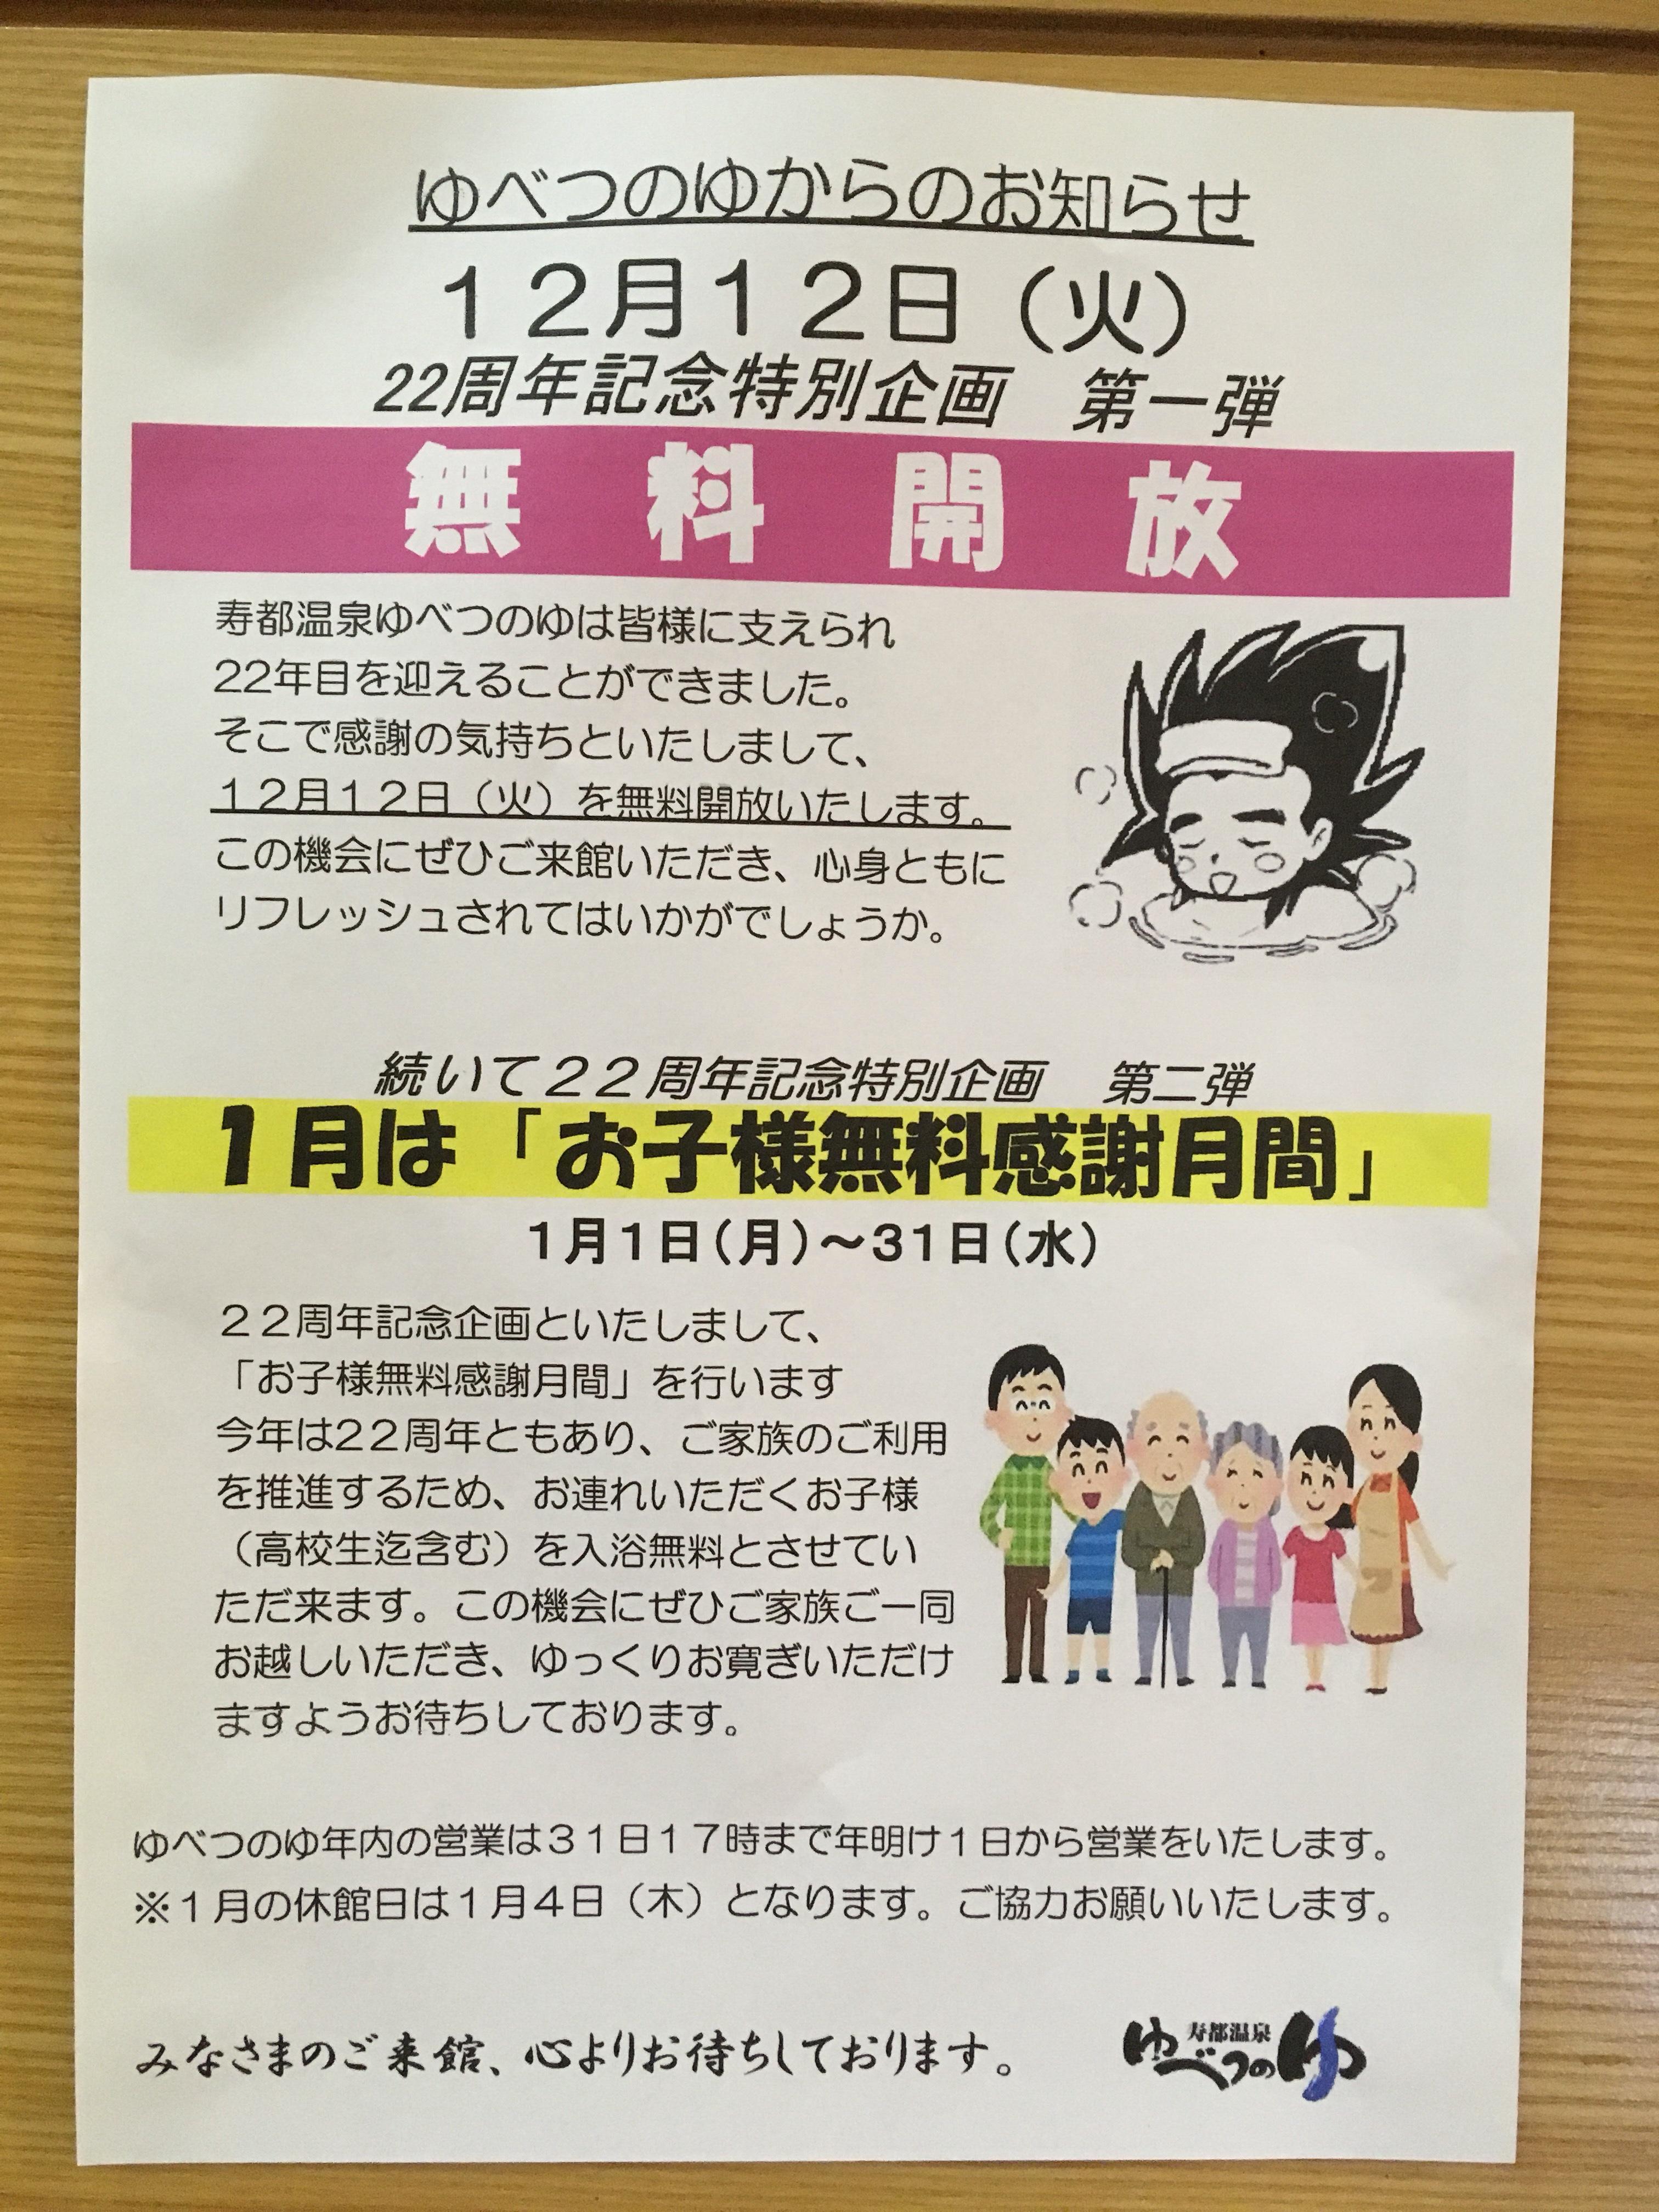 12月12日はゆべつのゆ誕生日にて入浴無料開放(((o(*゚▽゚*)o)))♡